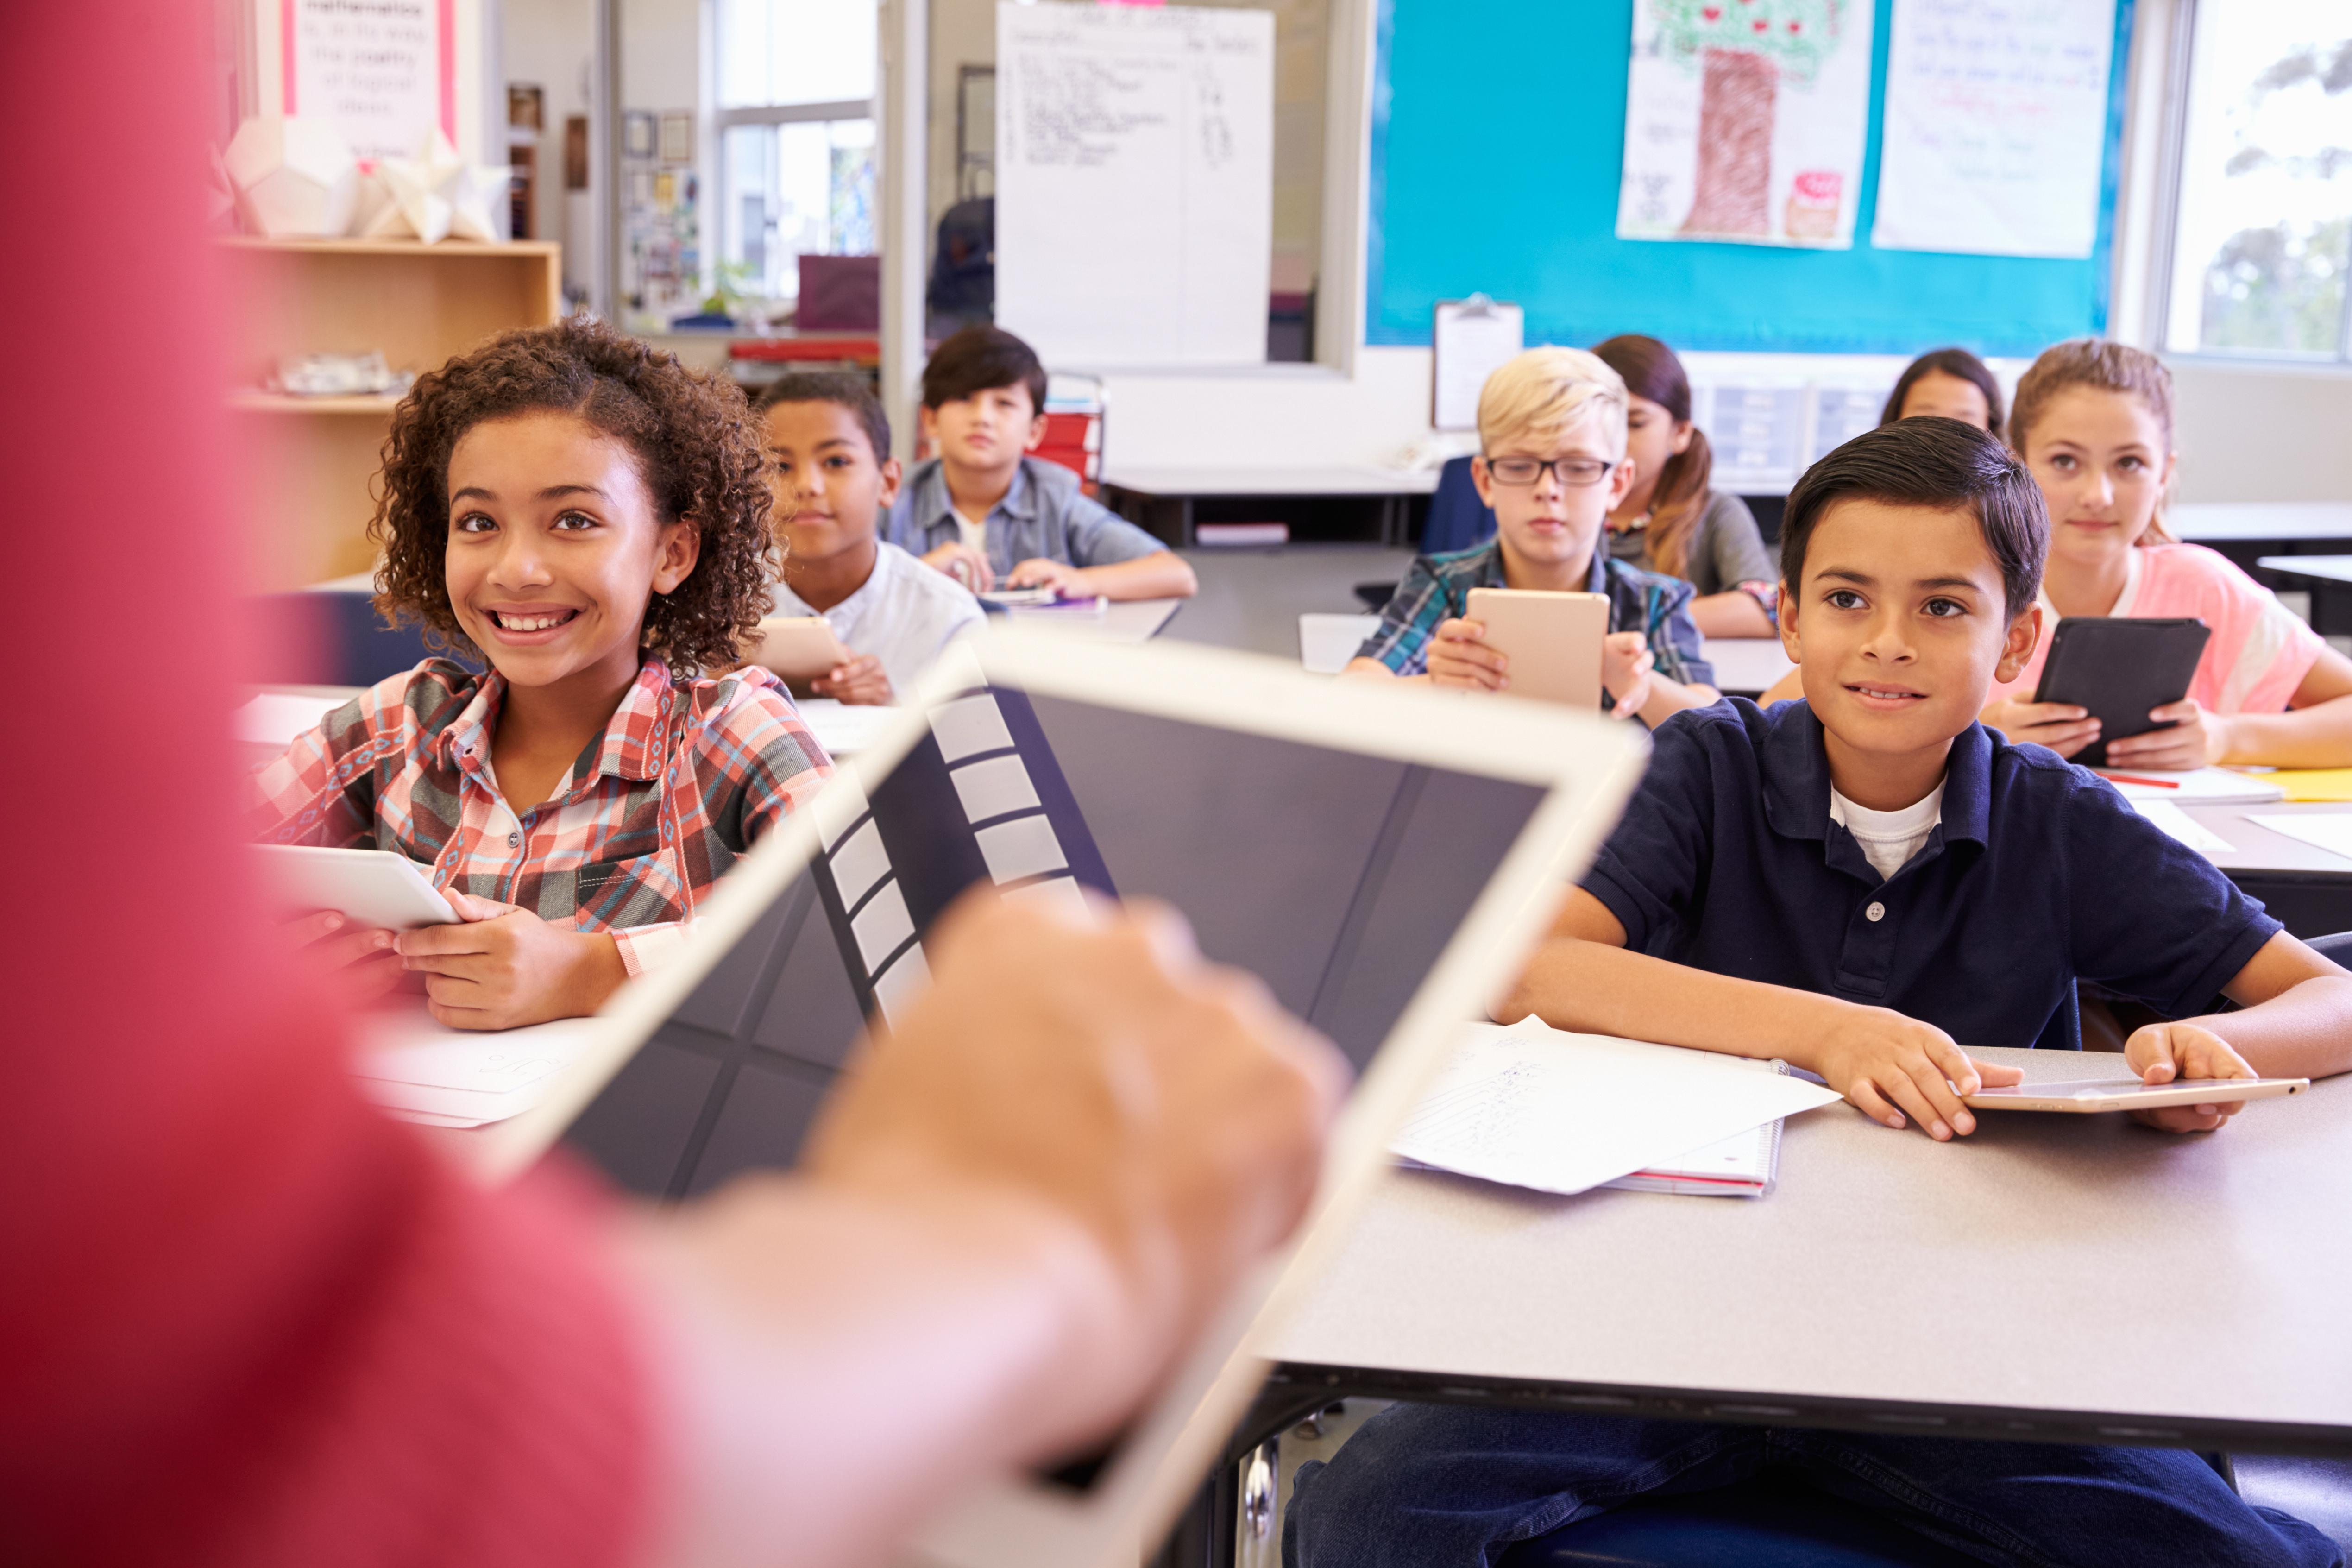 Digitala verktyg kan öka barnens vardagsrörelse och därmed förbättra koncentration och inlärning.